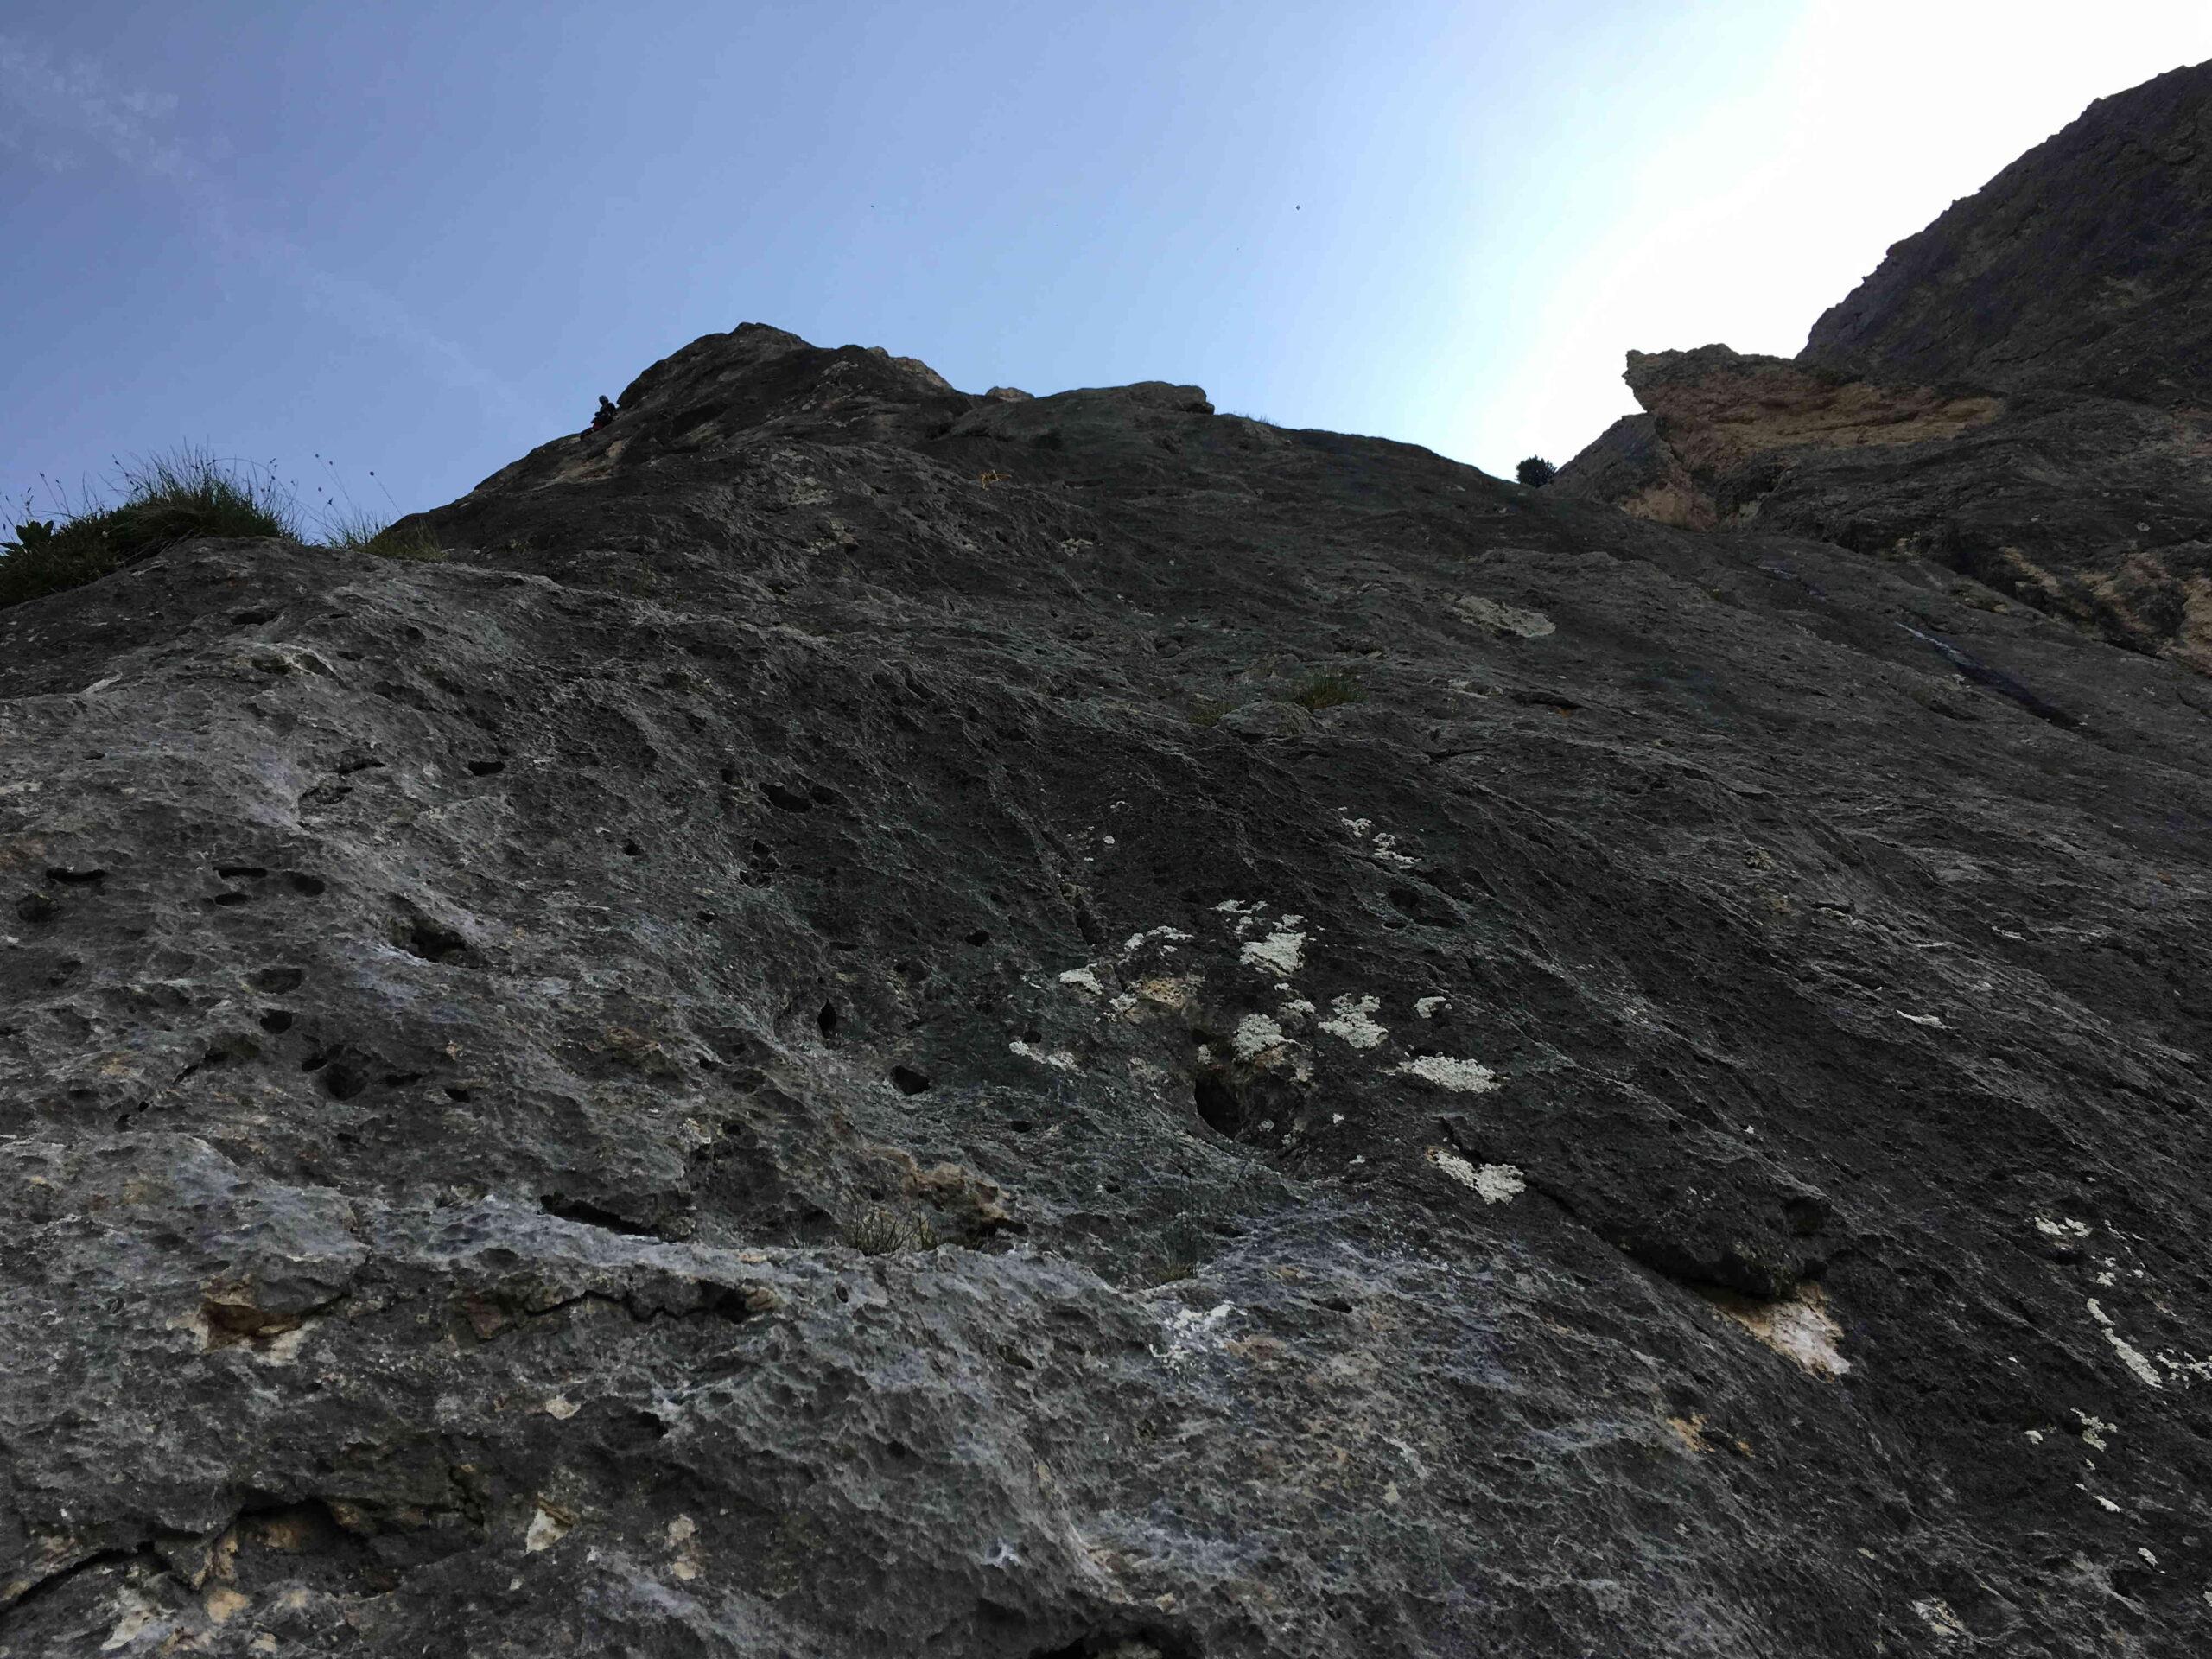 La magnifica roccia nera a buchi della parte alta della via